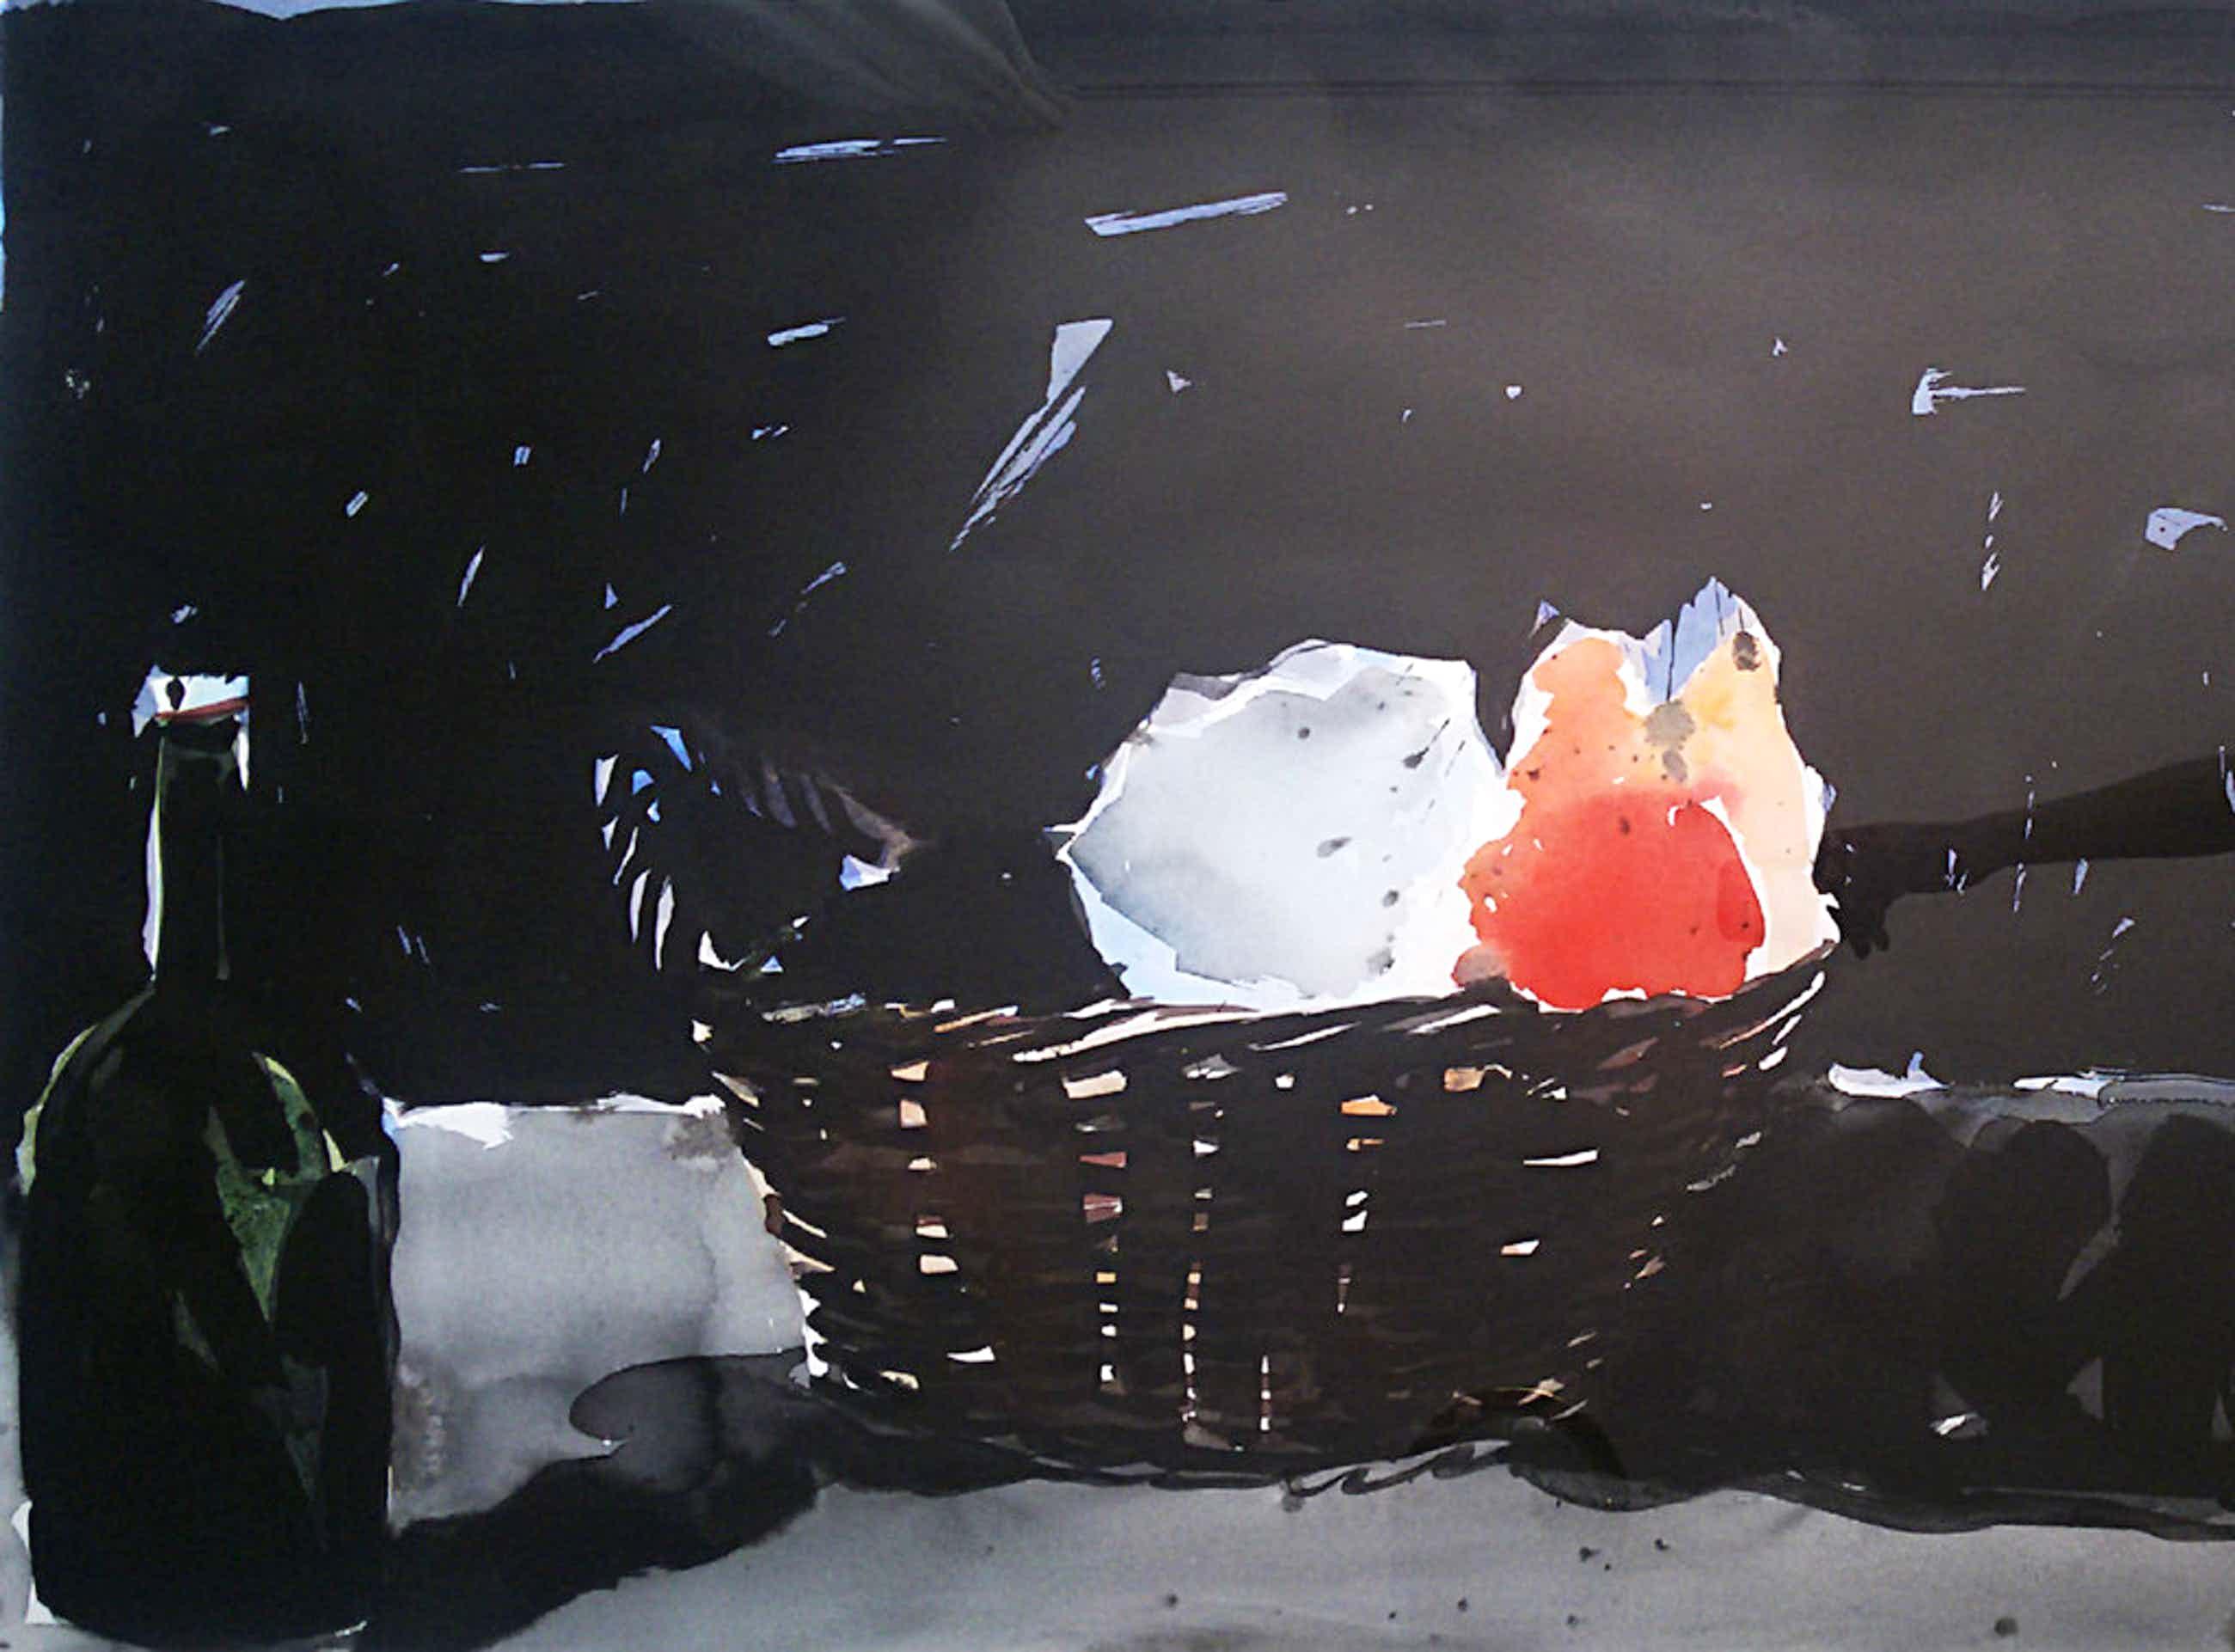 Henk Westein - Hommage aan Zurburan, aquarel (mooi ingelijst, zeer groot) kopen? Bied vanaf 195!